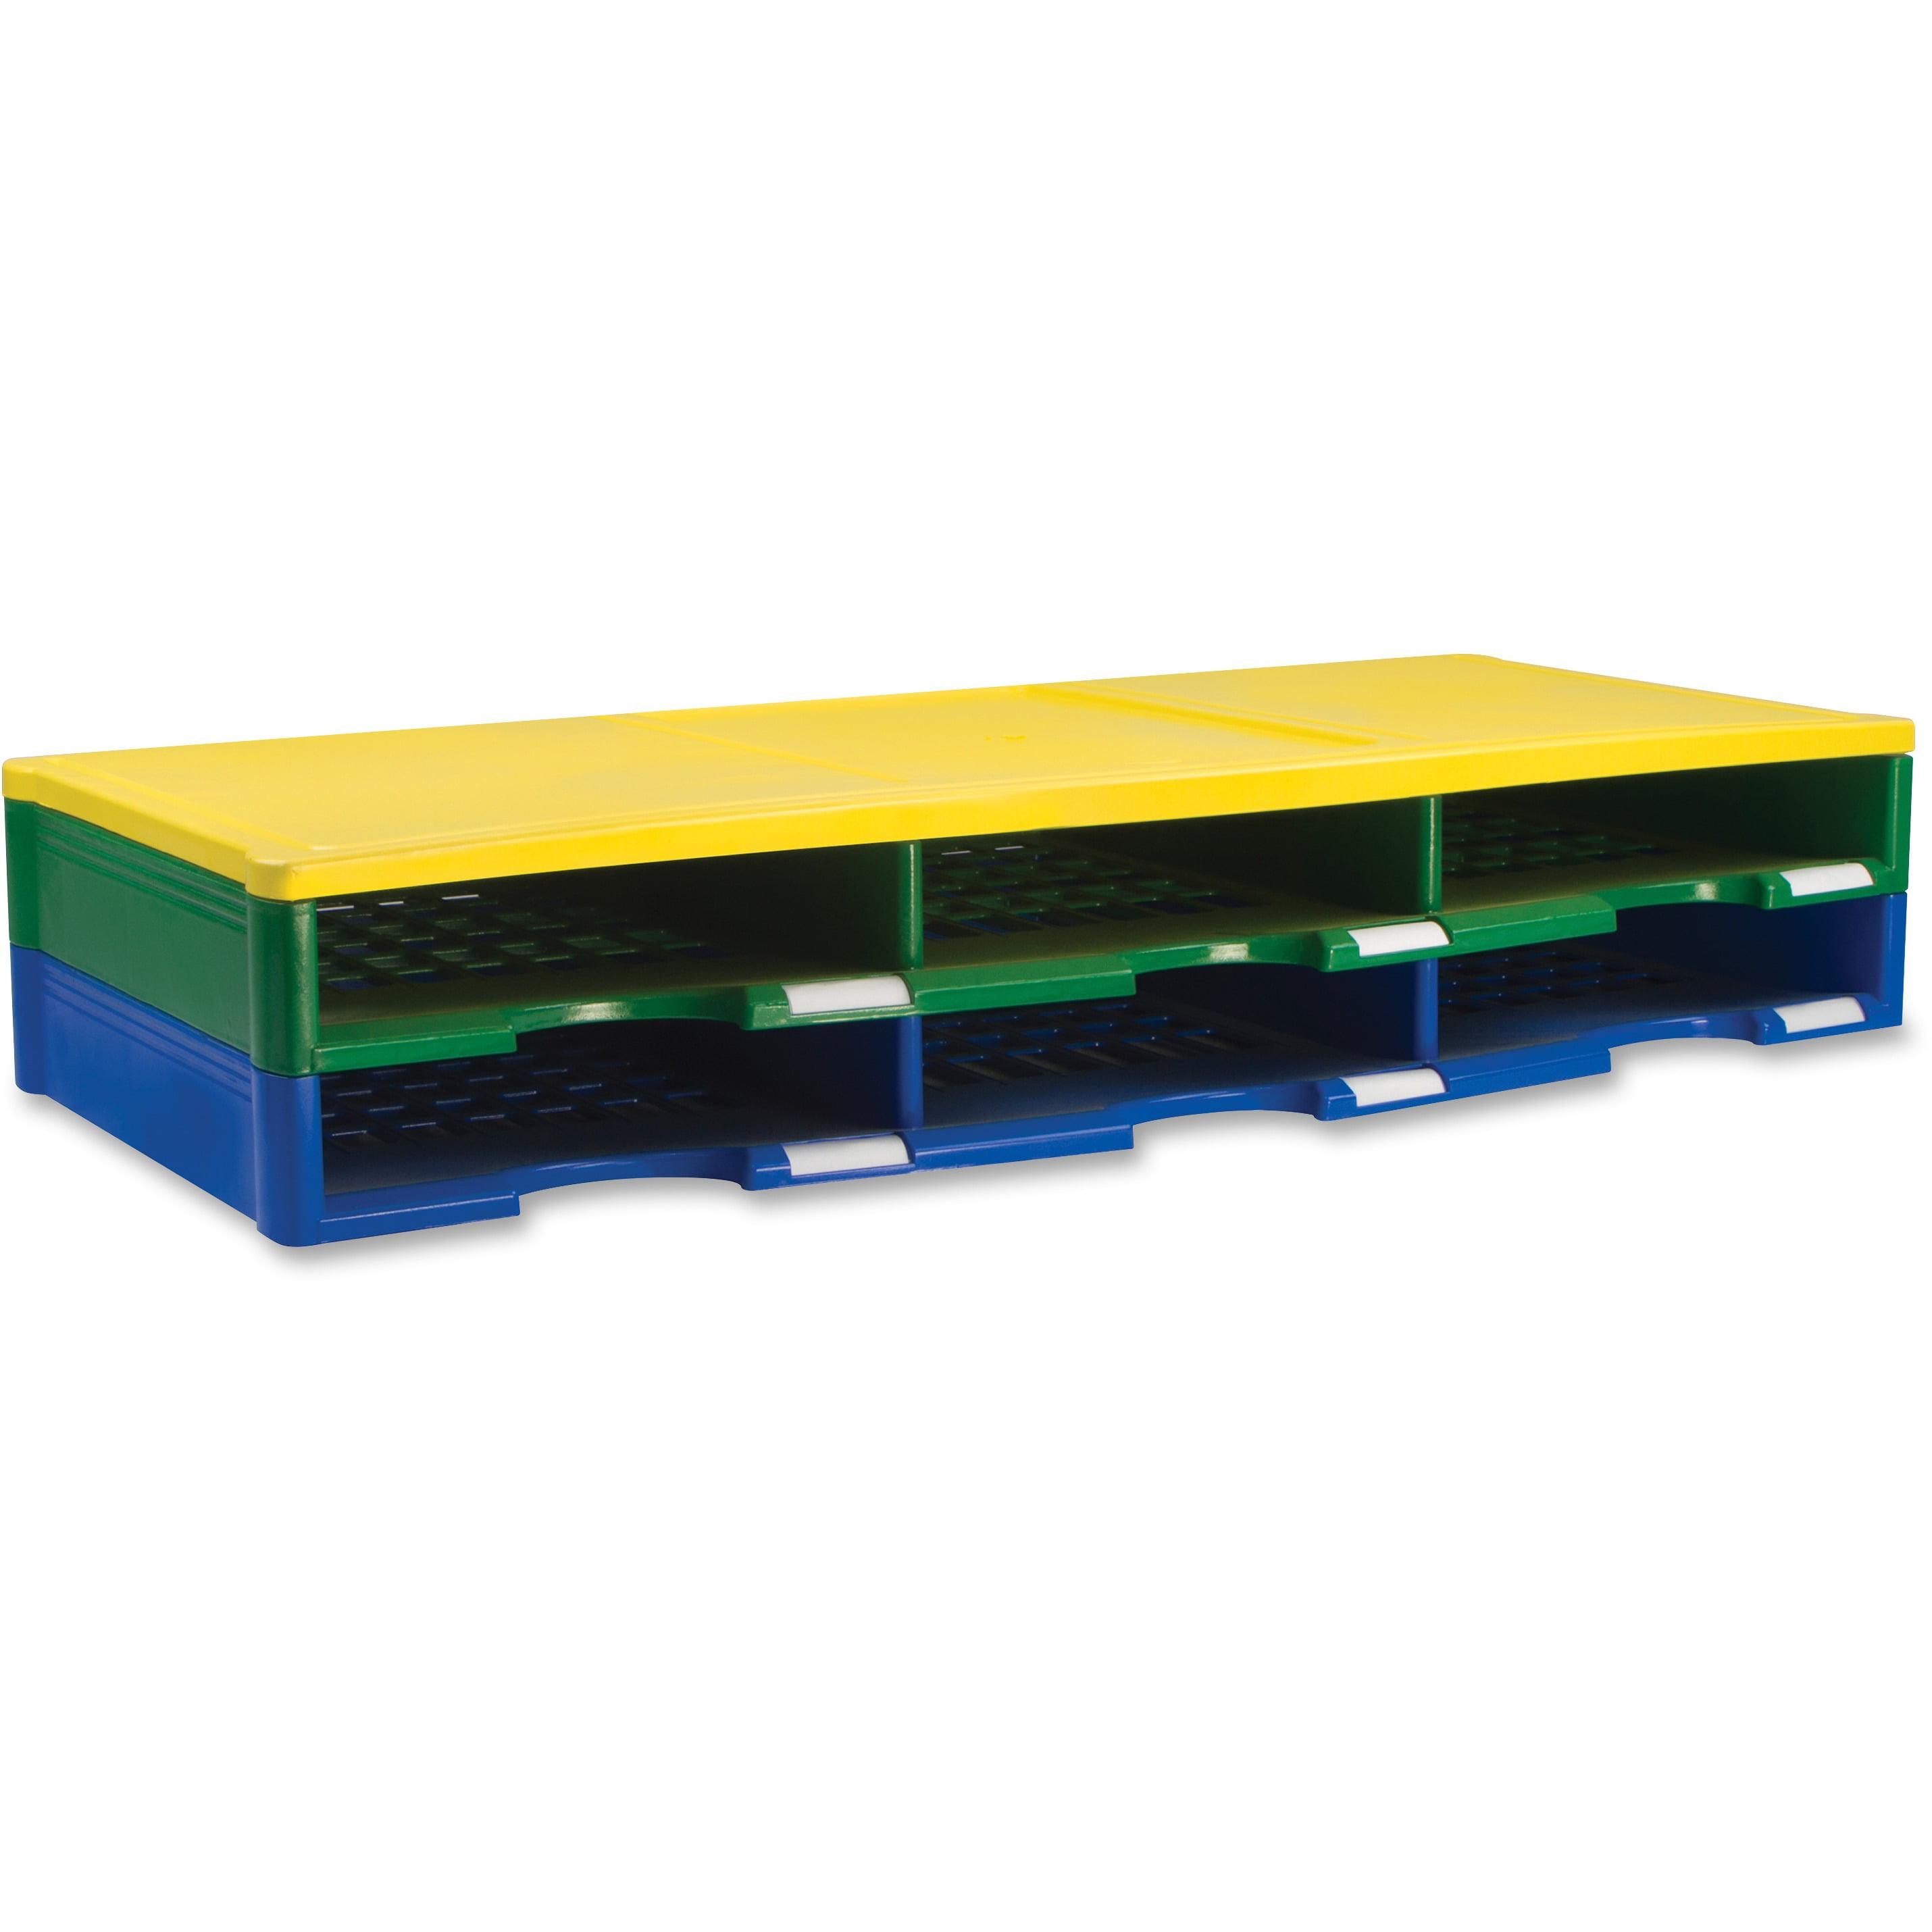 Storex, STX61603U01C, 6 Piece Literature Organizer, 4   Set, Blue,Green,Yellow by Storex Industries Corporation